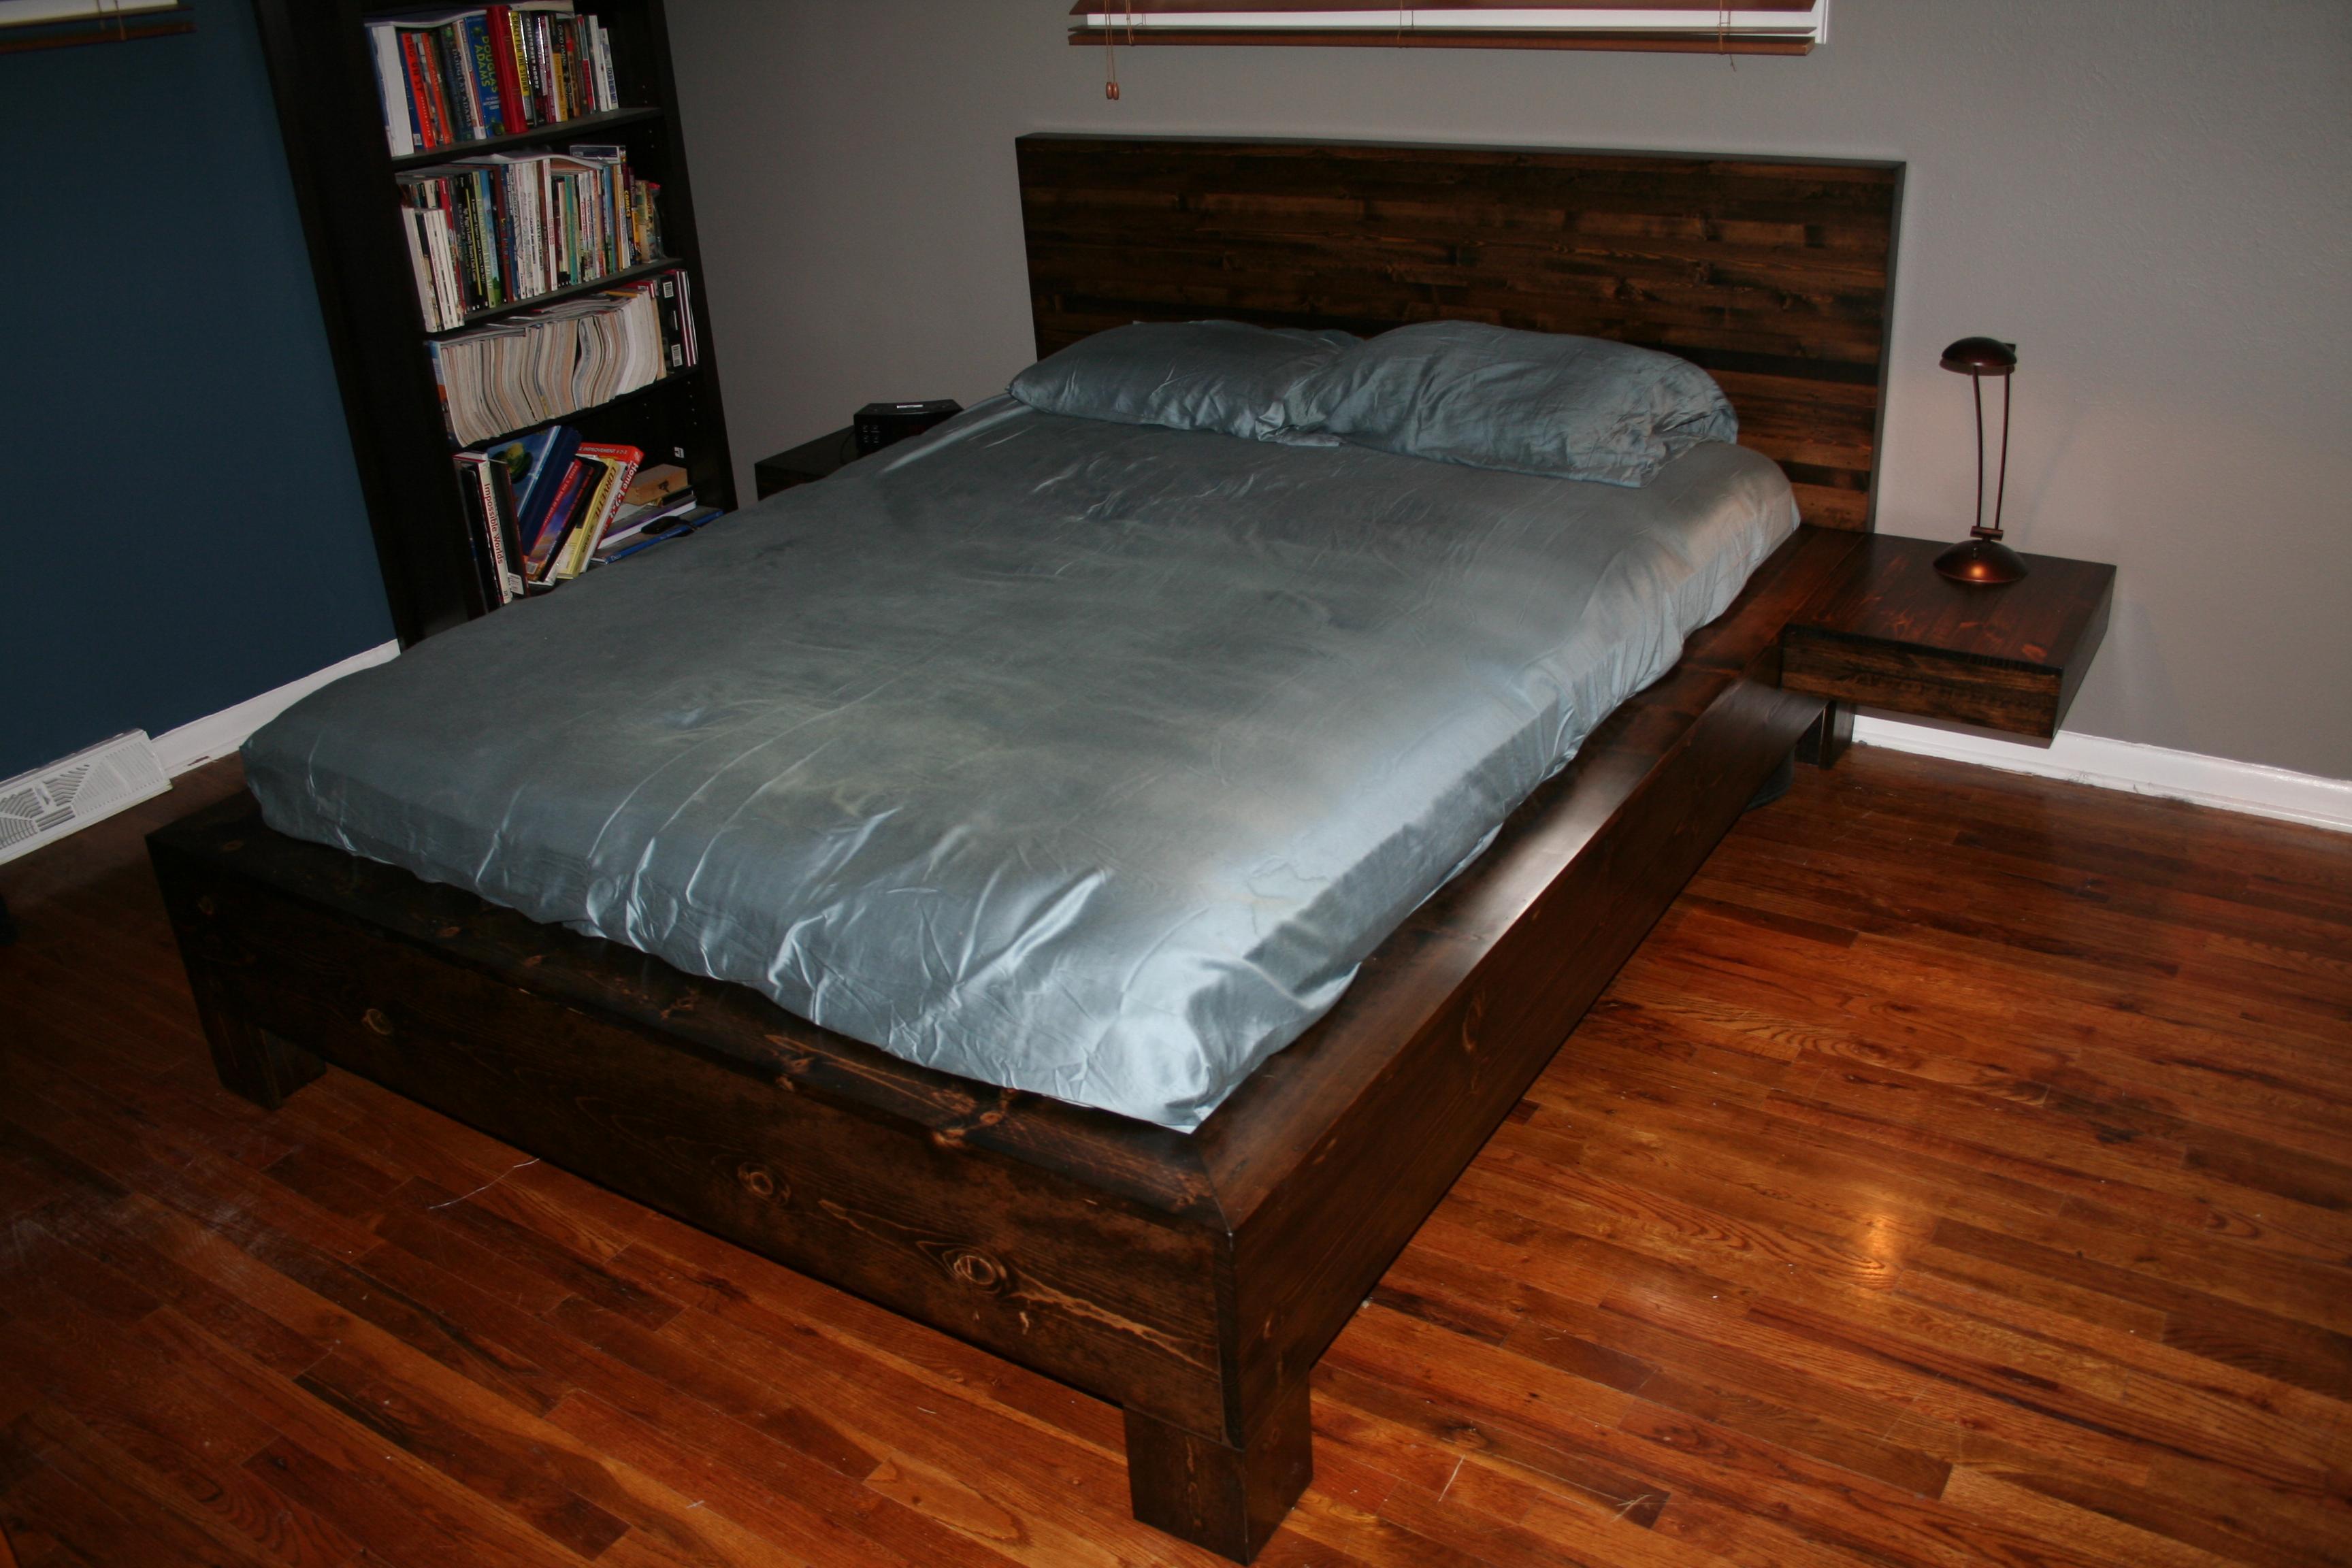 Japanese platform bed frame diy - Diy Platform Bed With Floating Nightstands